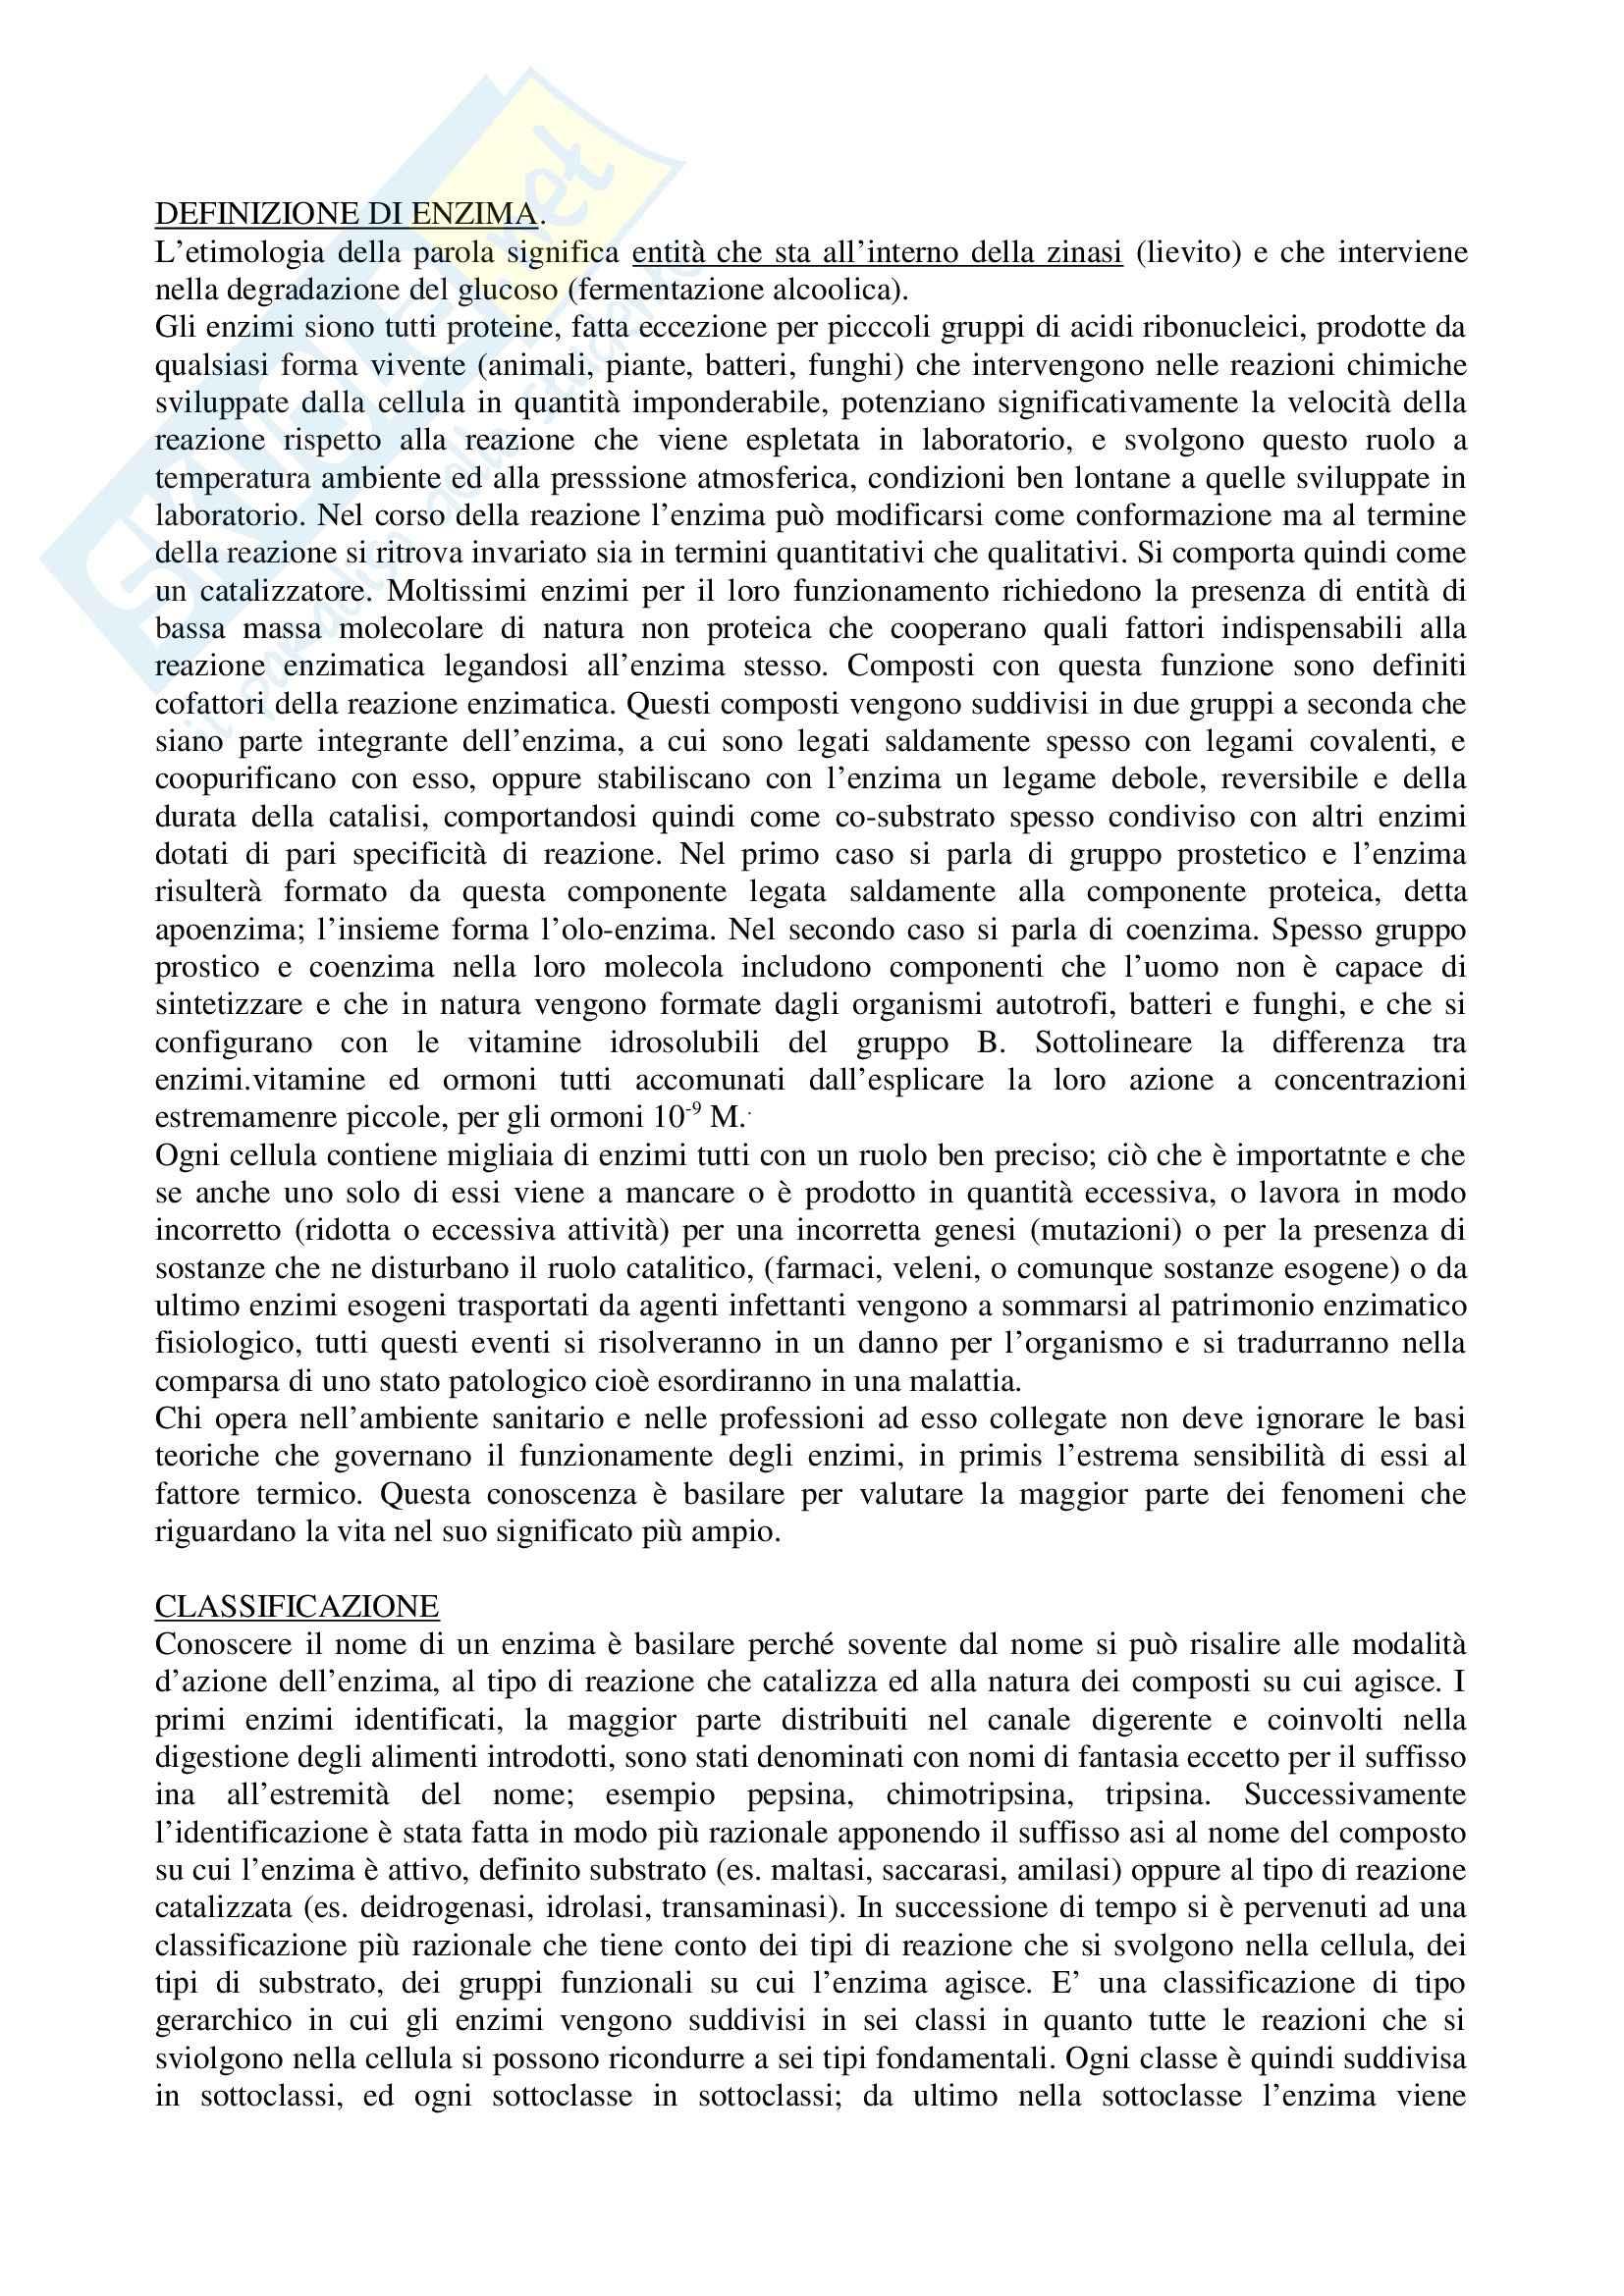 Biochimica e biologia molecolare - meccanismo della reazione enzimatica